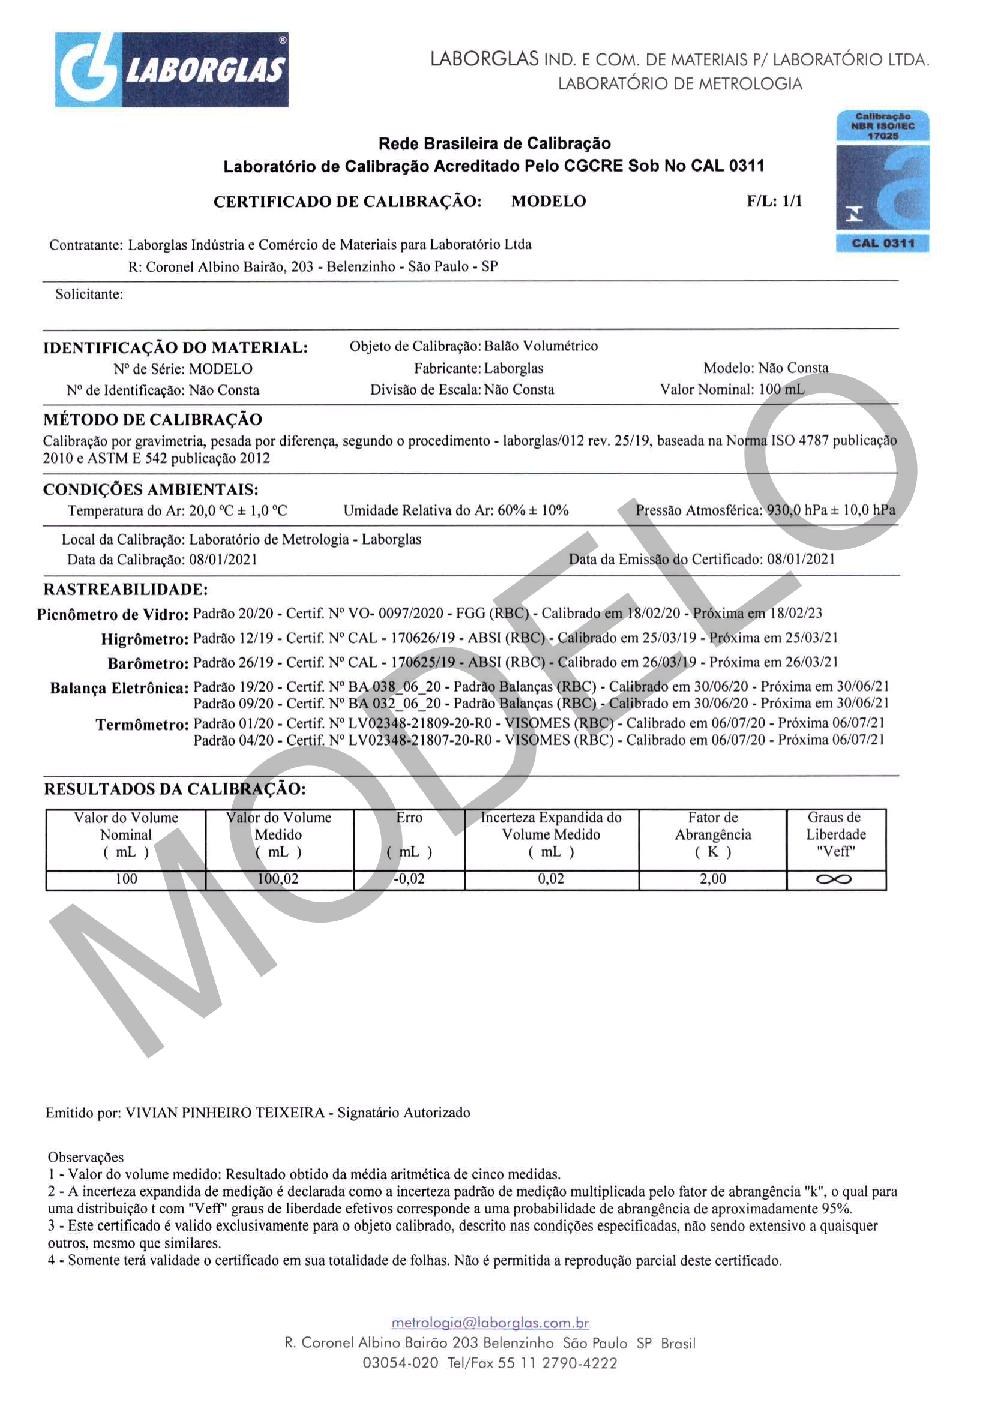 BALÃO VOLUMÉTRICO CLASSE A ROLHA POLI ÂMBAR C/ CERTIFICADO RASTREÁVEL  1 ML - Marca Laborglas - Cód. 91678016-C